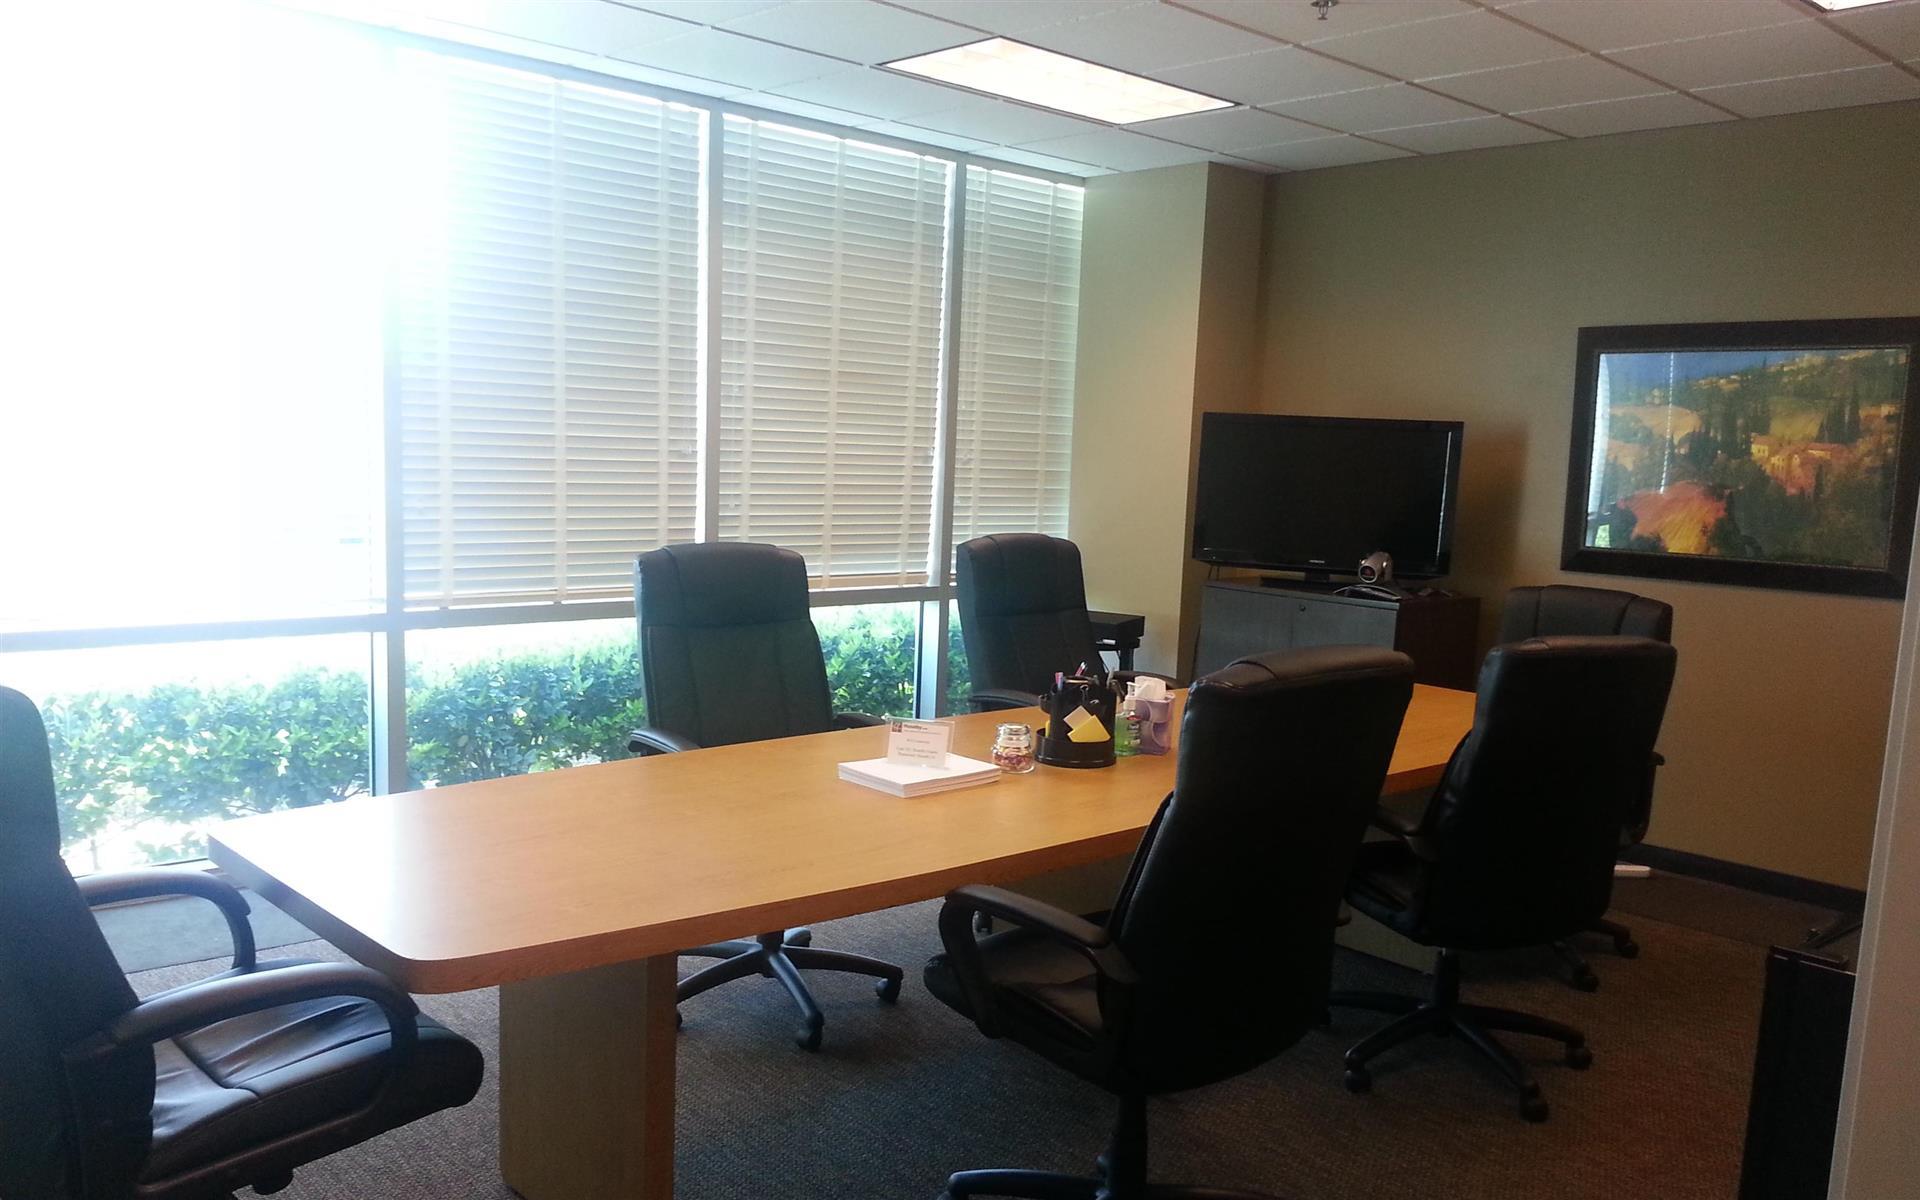 Huseby Inc. - Conference Room/Flexible Workroom 2